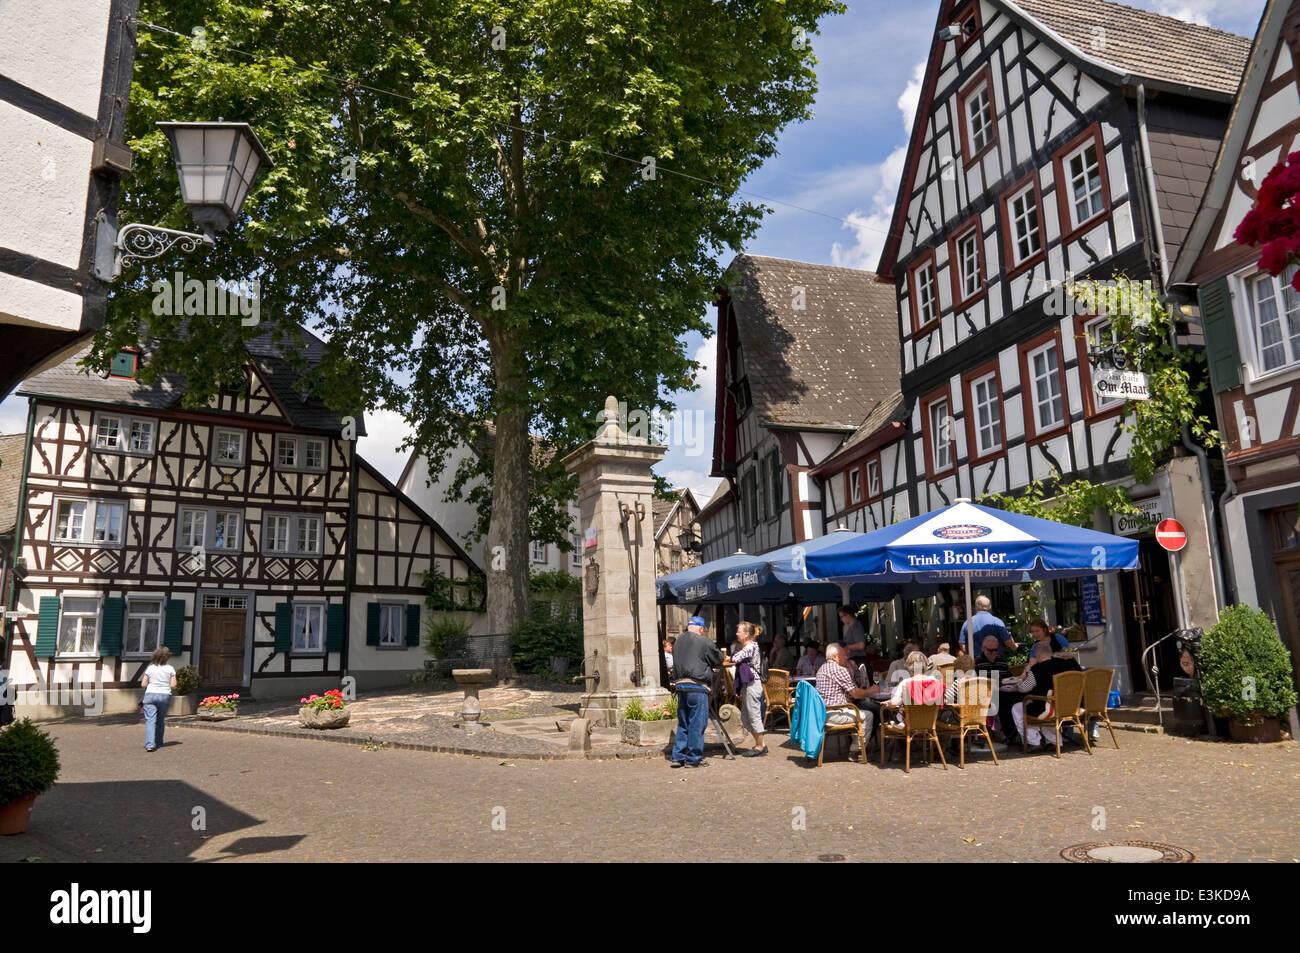 Erpel Rheinland-Pfalz